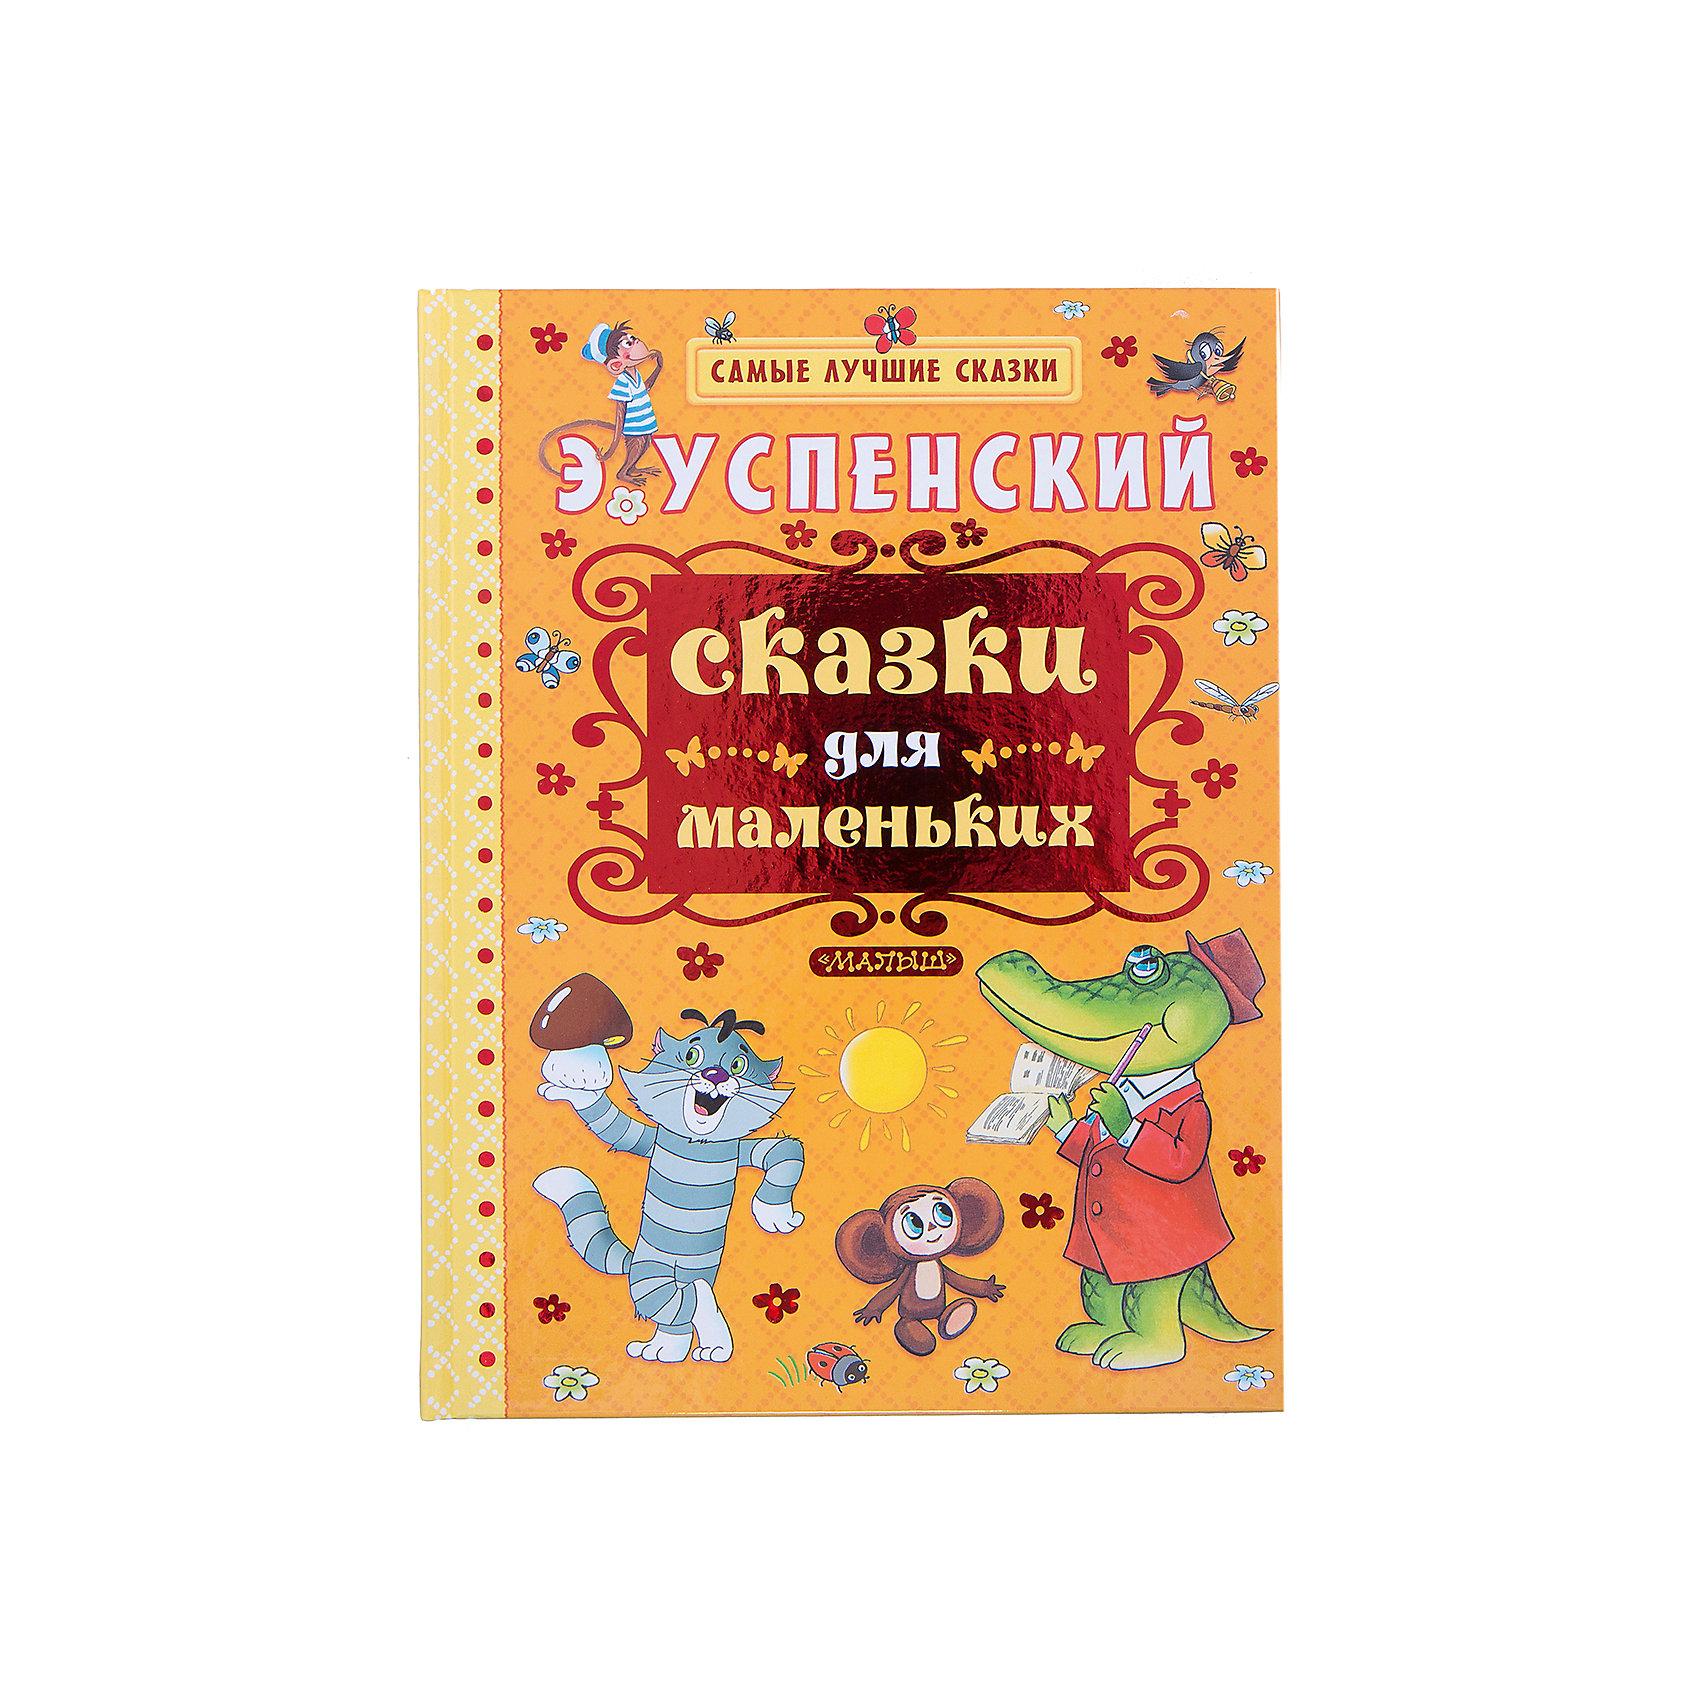 Сказки для маленьких, Э. Н. Успенский